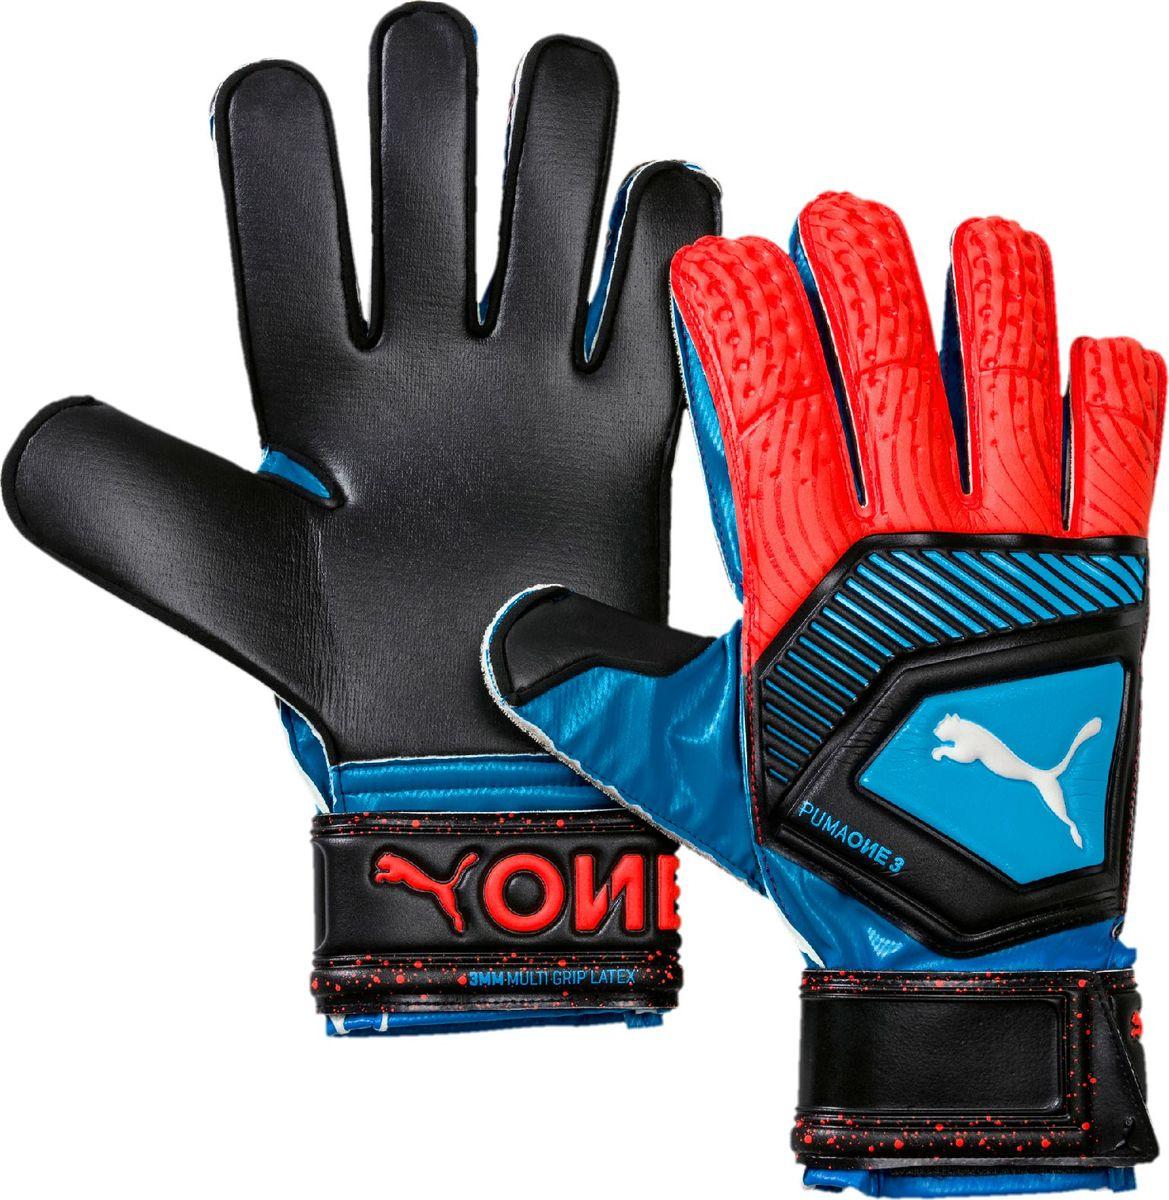 Перчатки вратарские Puma One Protect 3, 04148021, голубой, черный, размер 7 цена